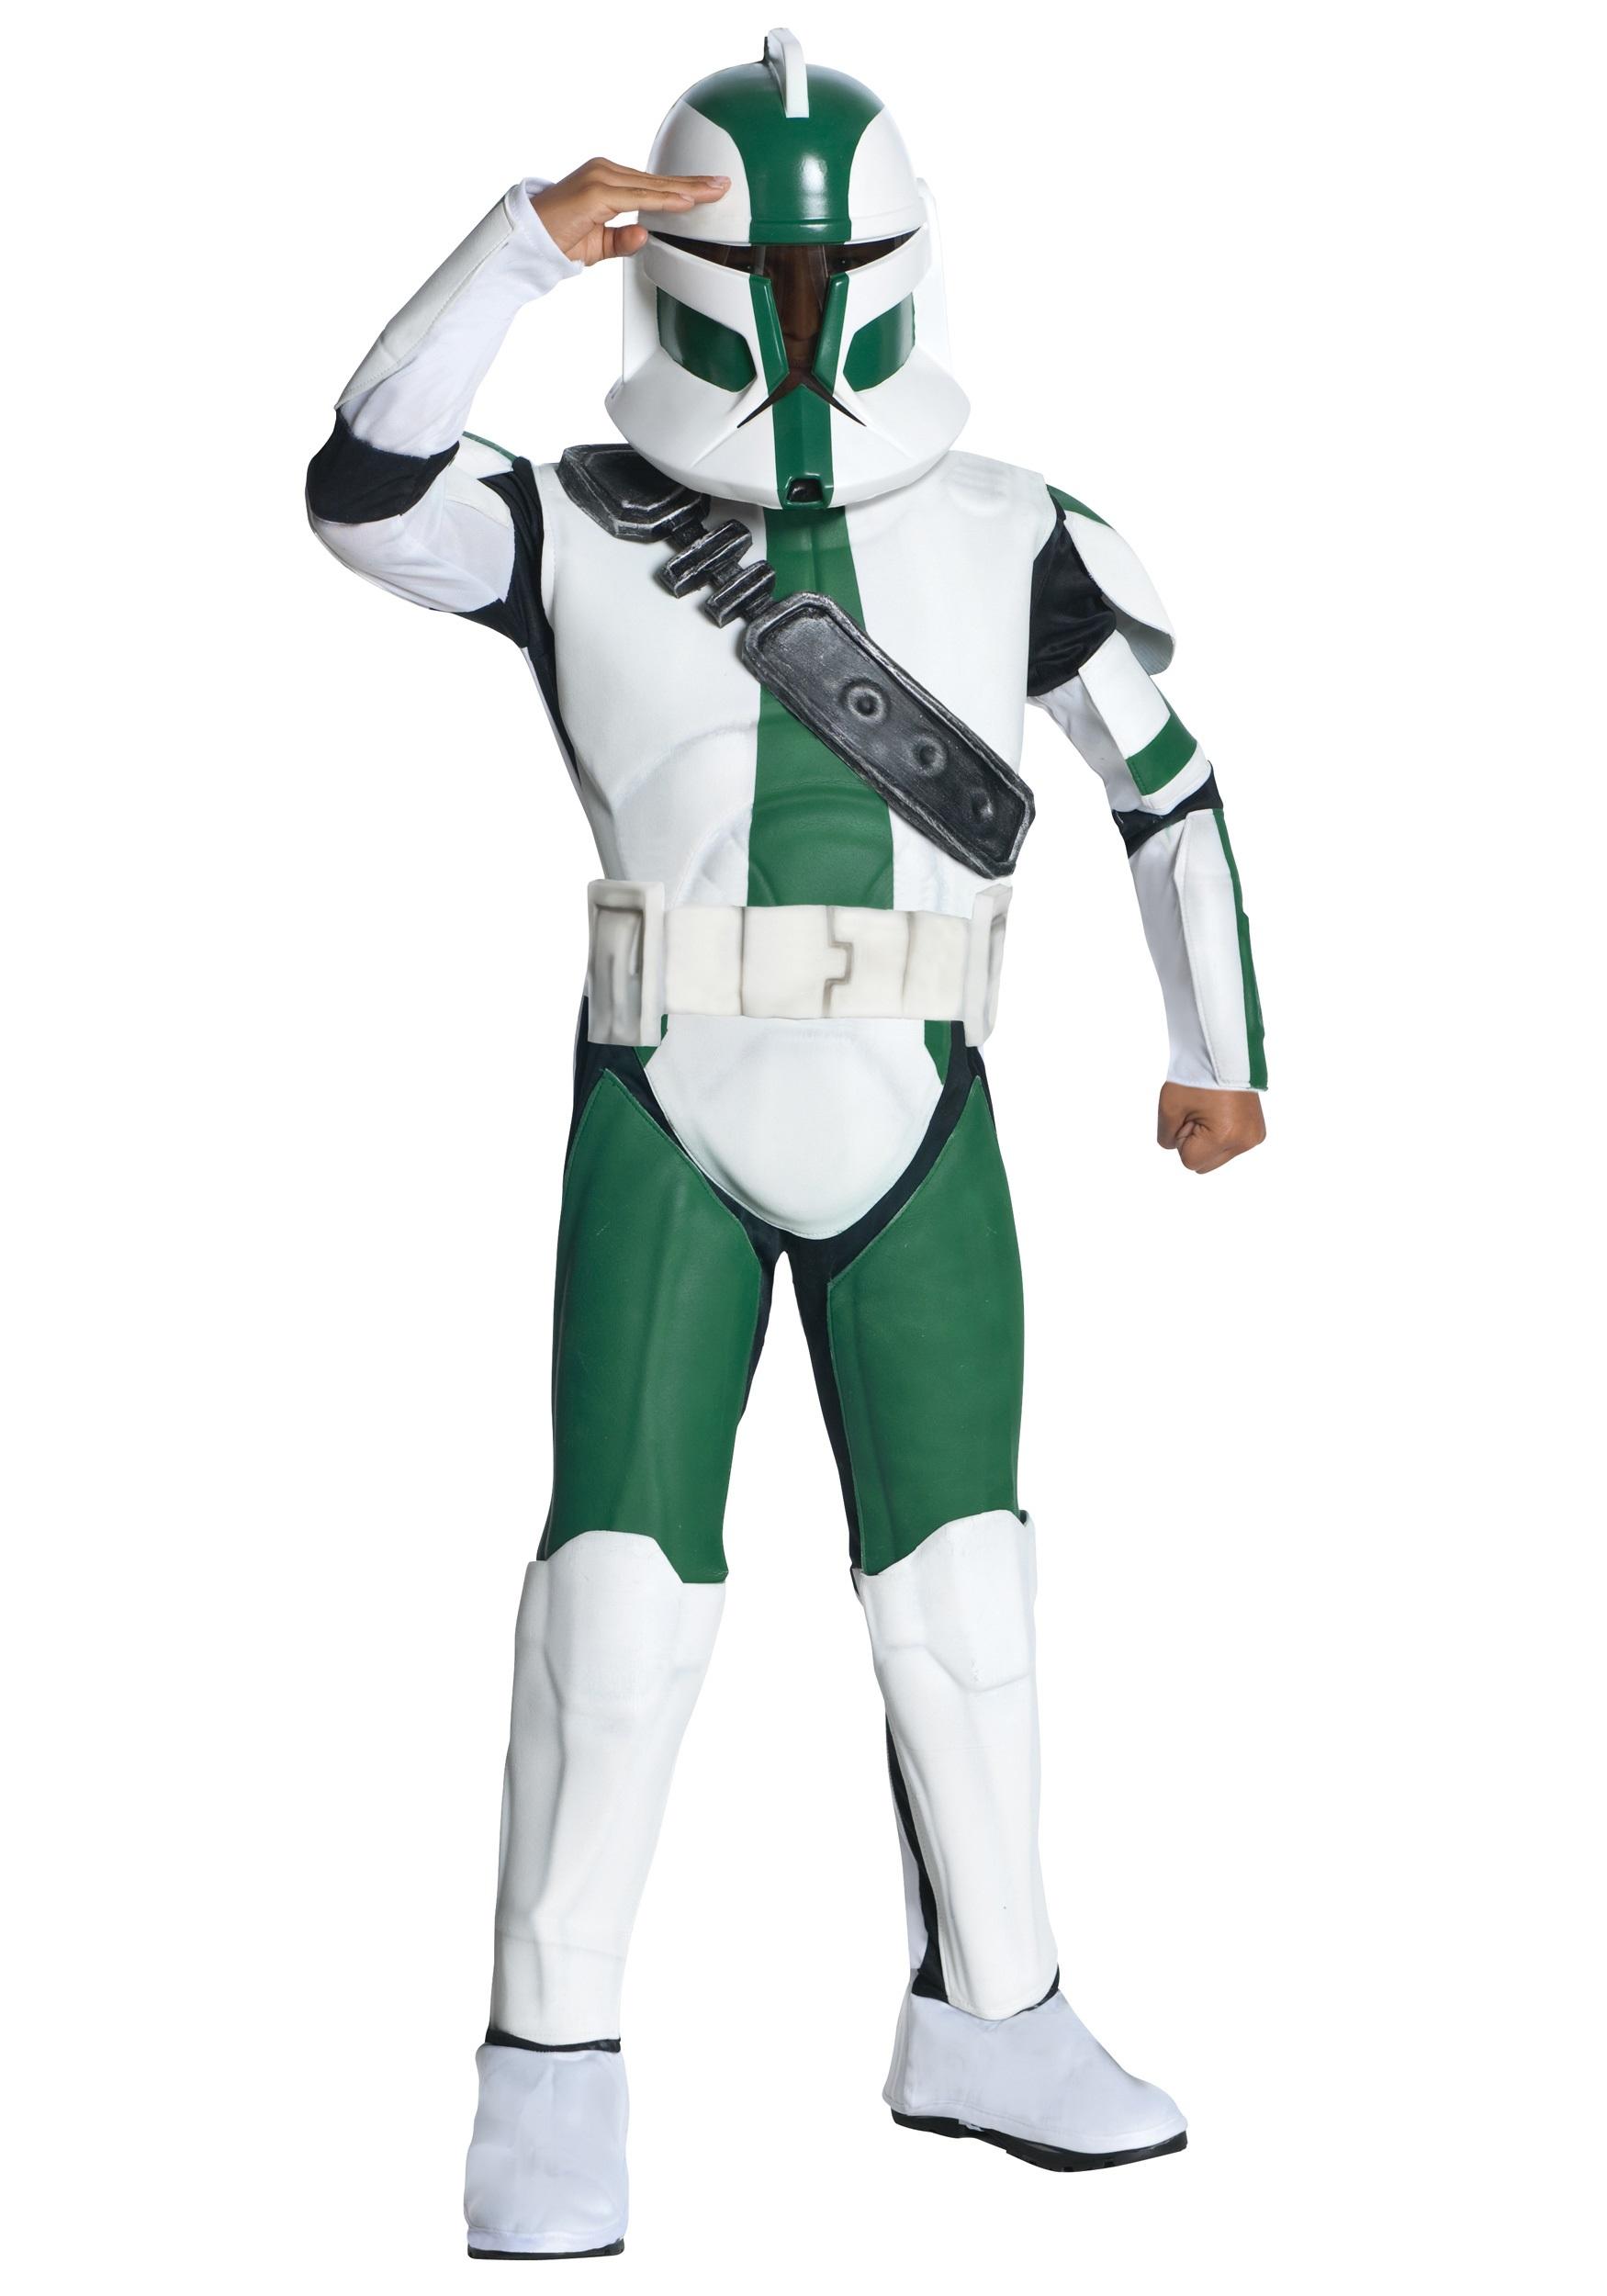 Deluxe Commander Gree Costume  sc 1 st  Halloween Costumes & Deluxe Commander Gree Costume - Halloween Costumes